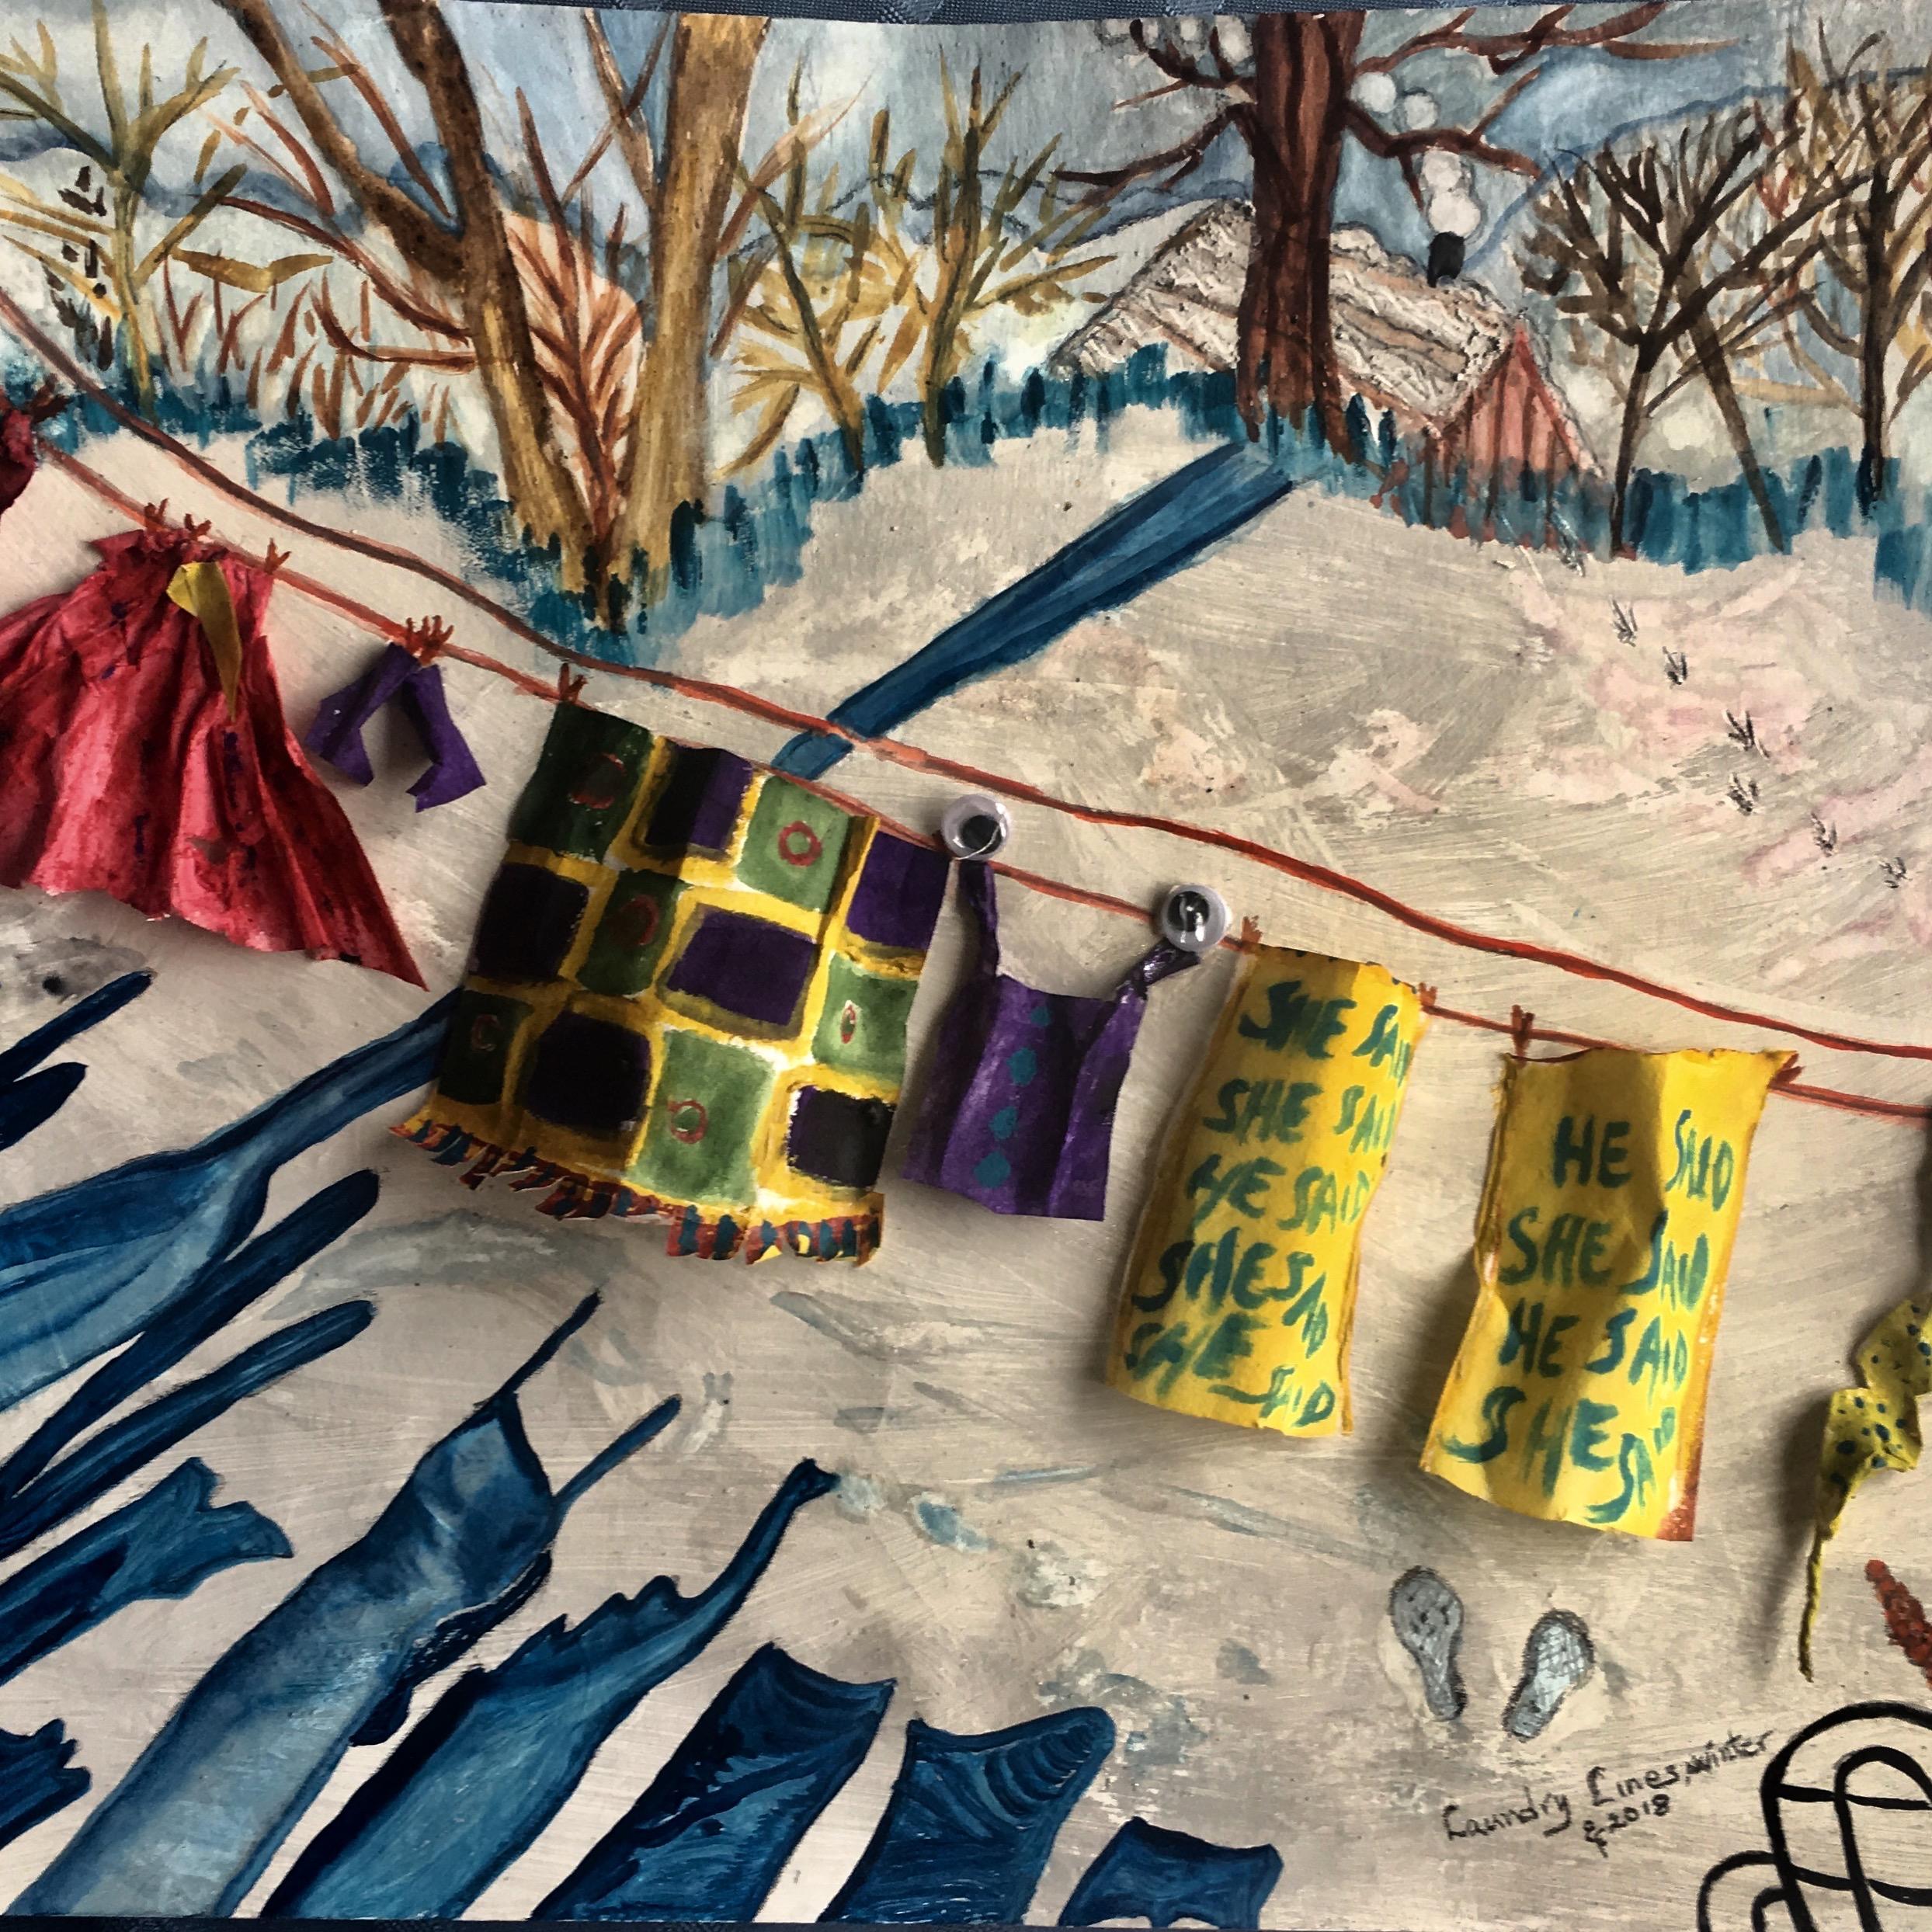 ElisabethFrischauf-LaundryLines Winter-Mixedmedia-USA:Austria.jpg